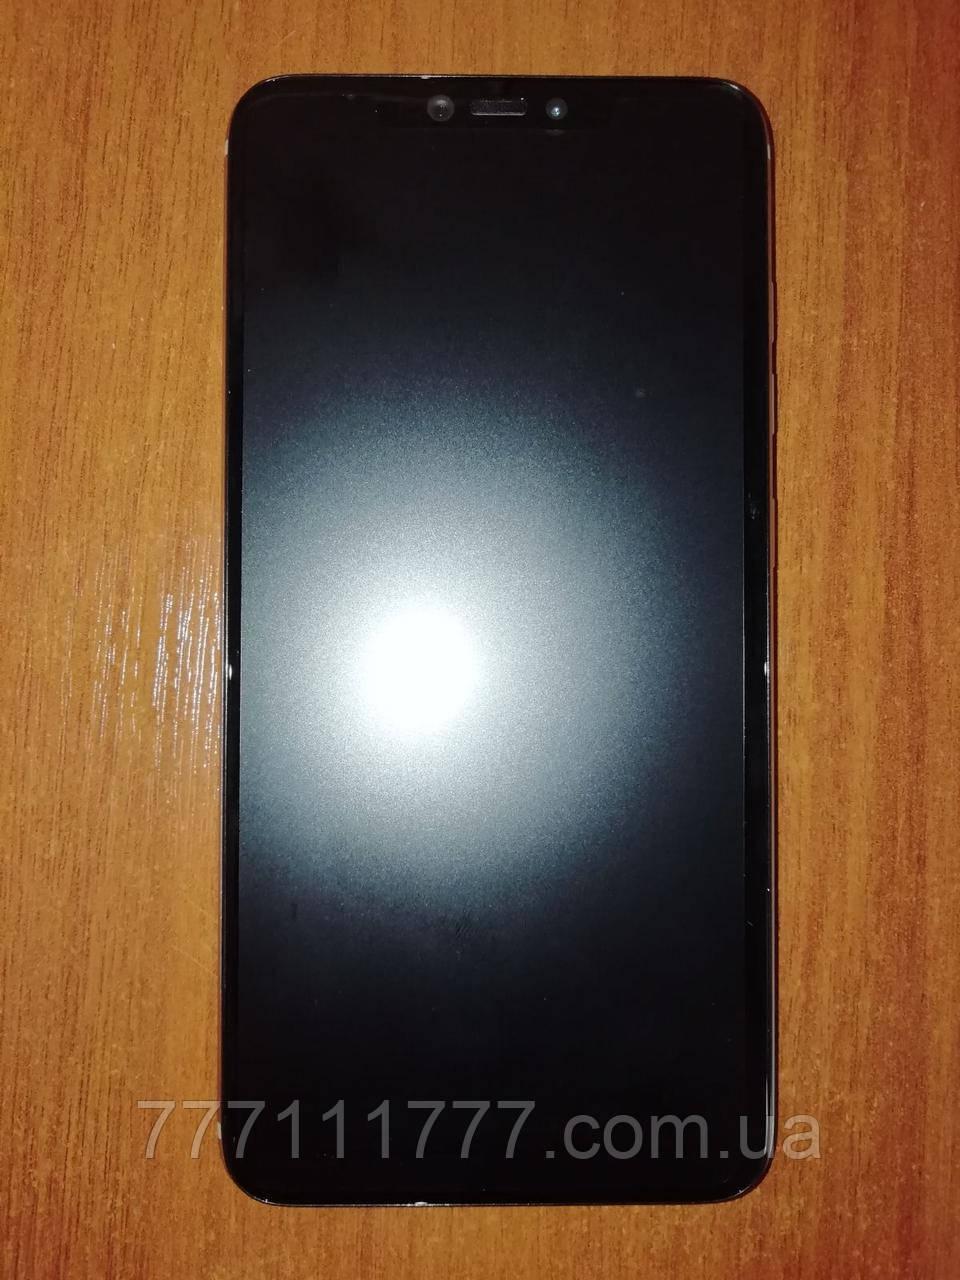 Смартфон леново с большим дисплеем и двойной камерой на 2 сим карты Lenovo S5 Pro GT gold 6/64Gb